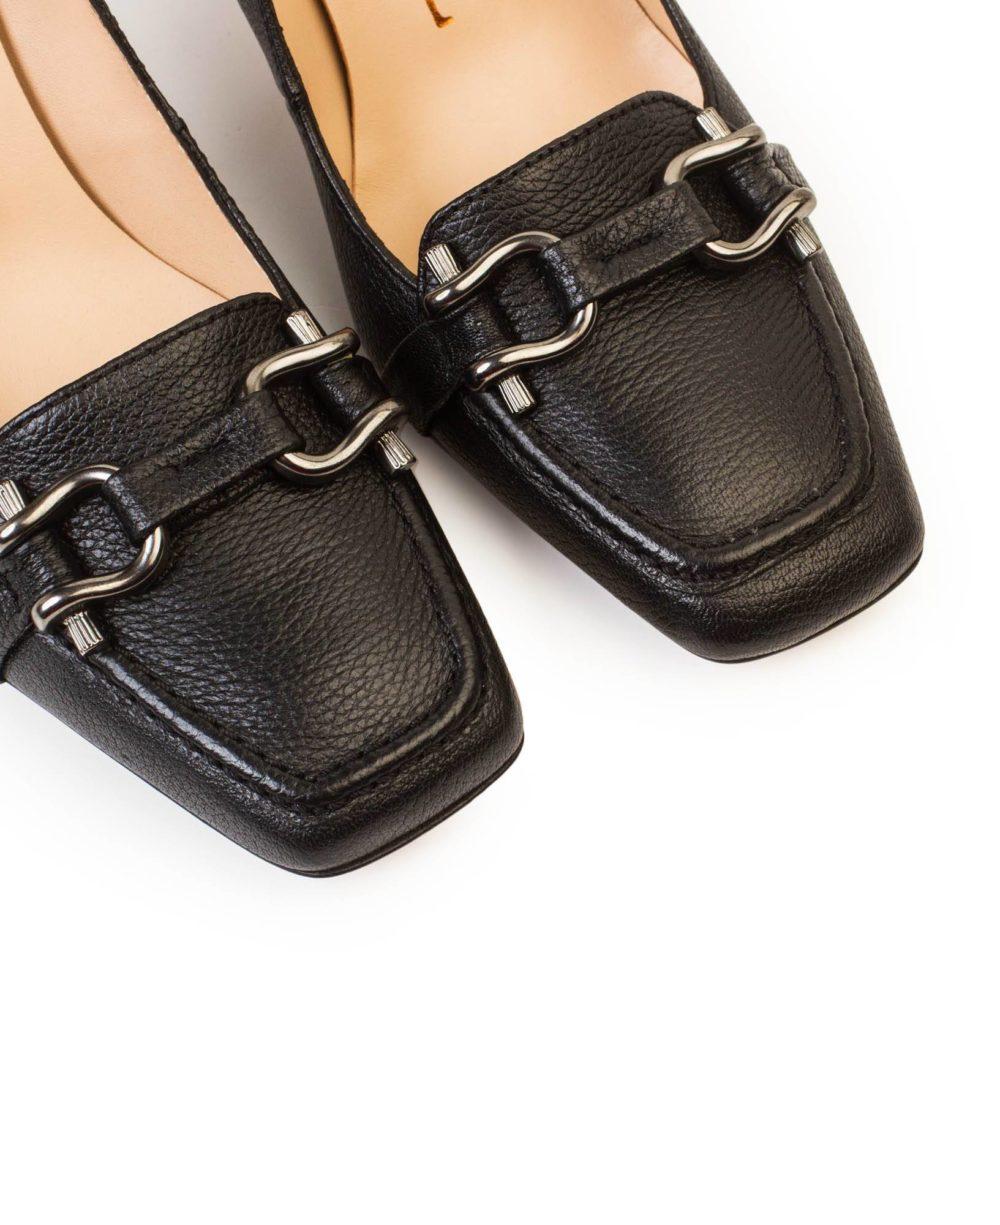 Zapatos de piel Paco GIl - P-3871 Black Bufalo Detalle